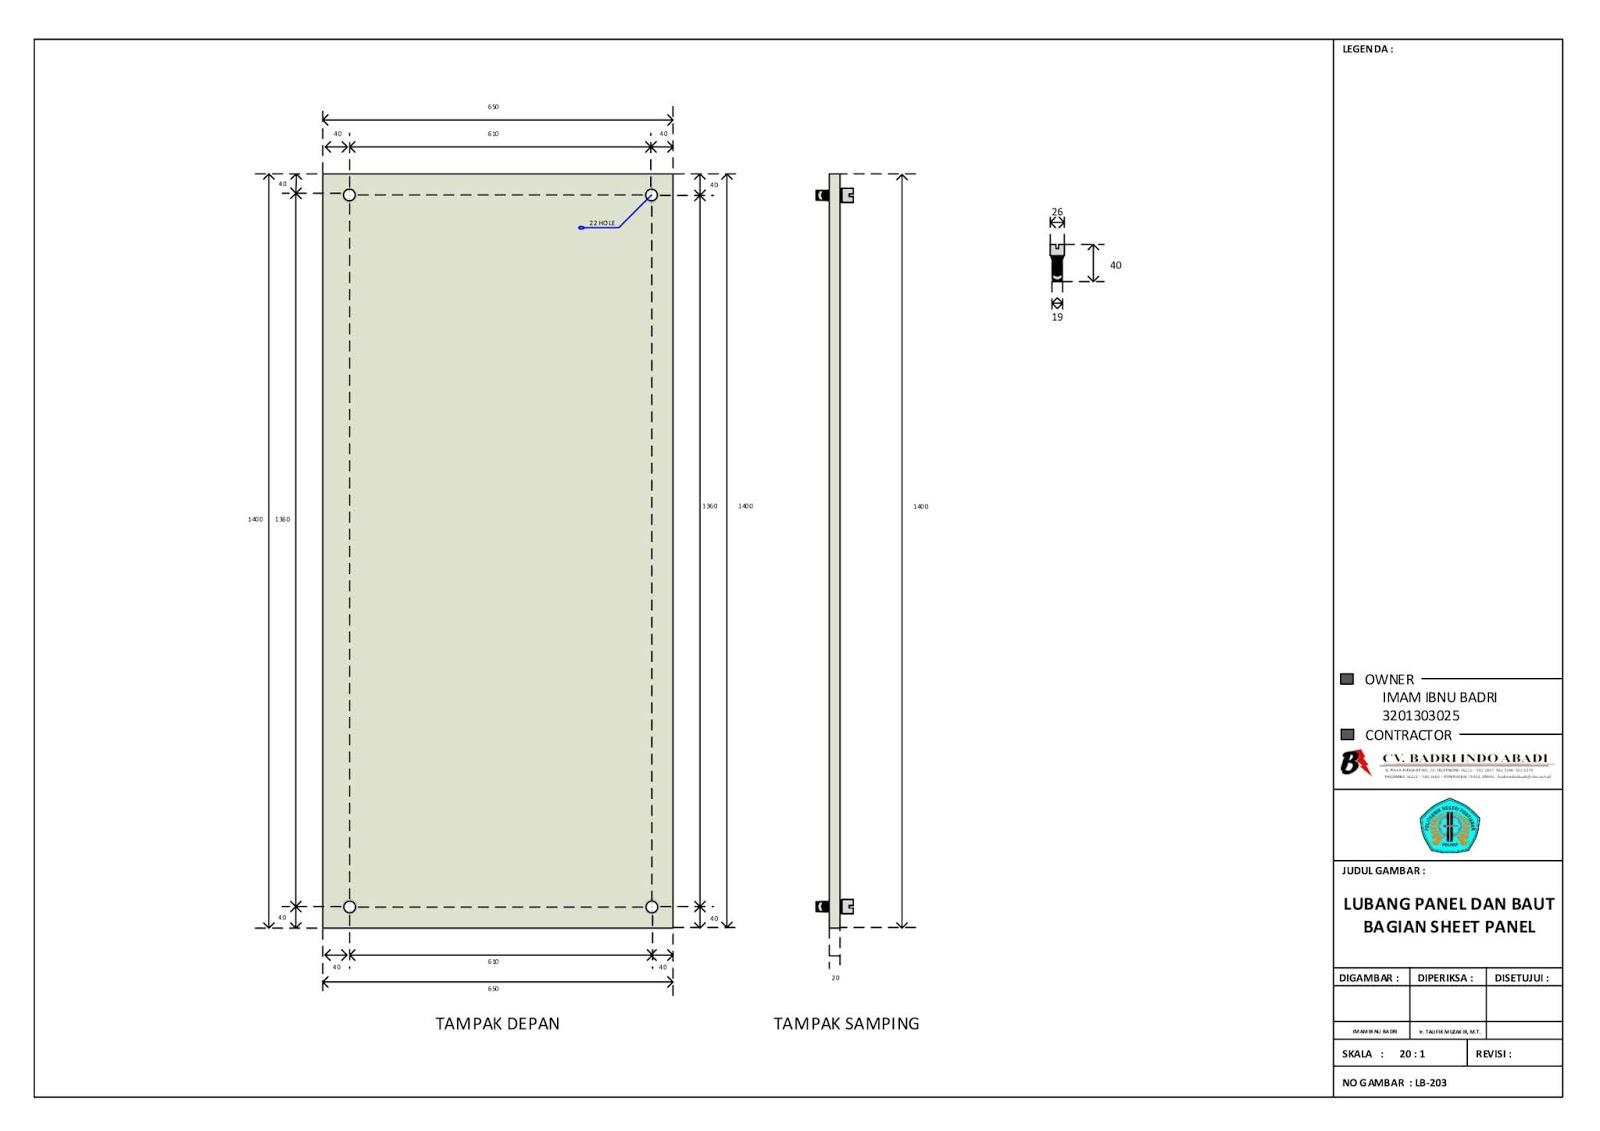 Lubang Panel dan Baut Bagian Sheet Panel